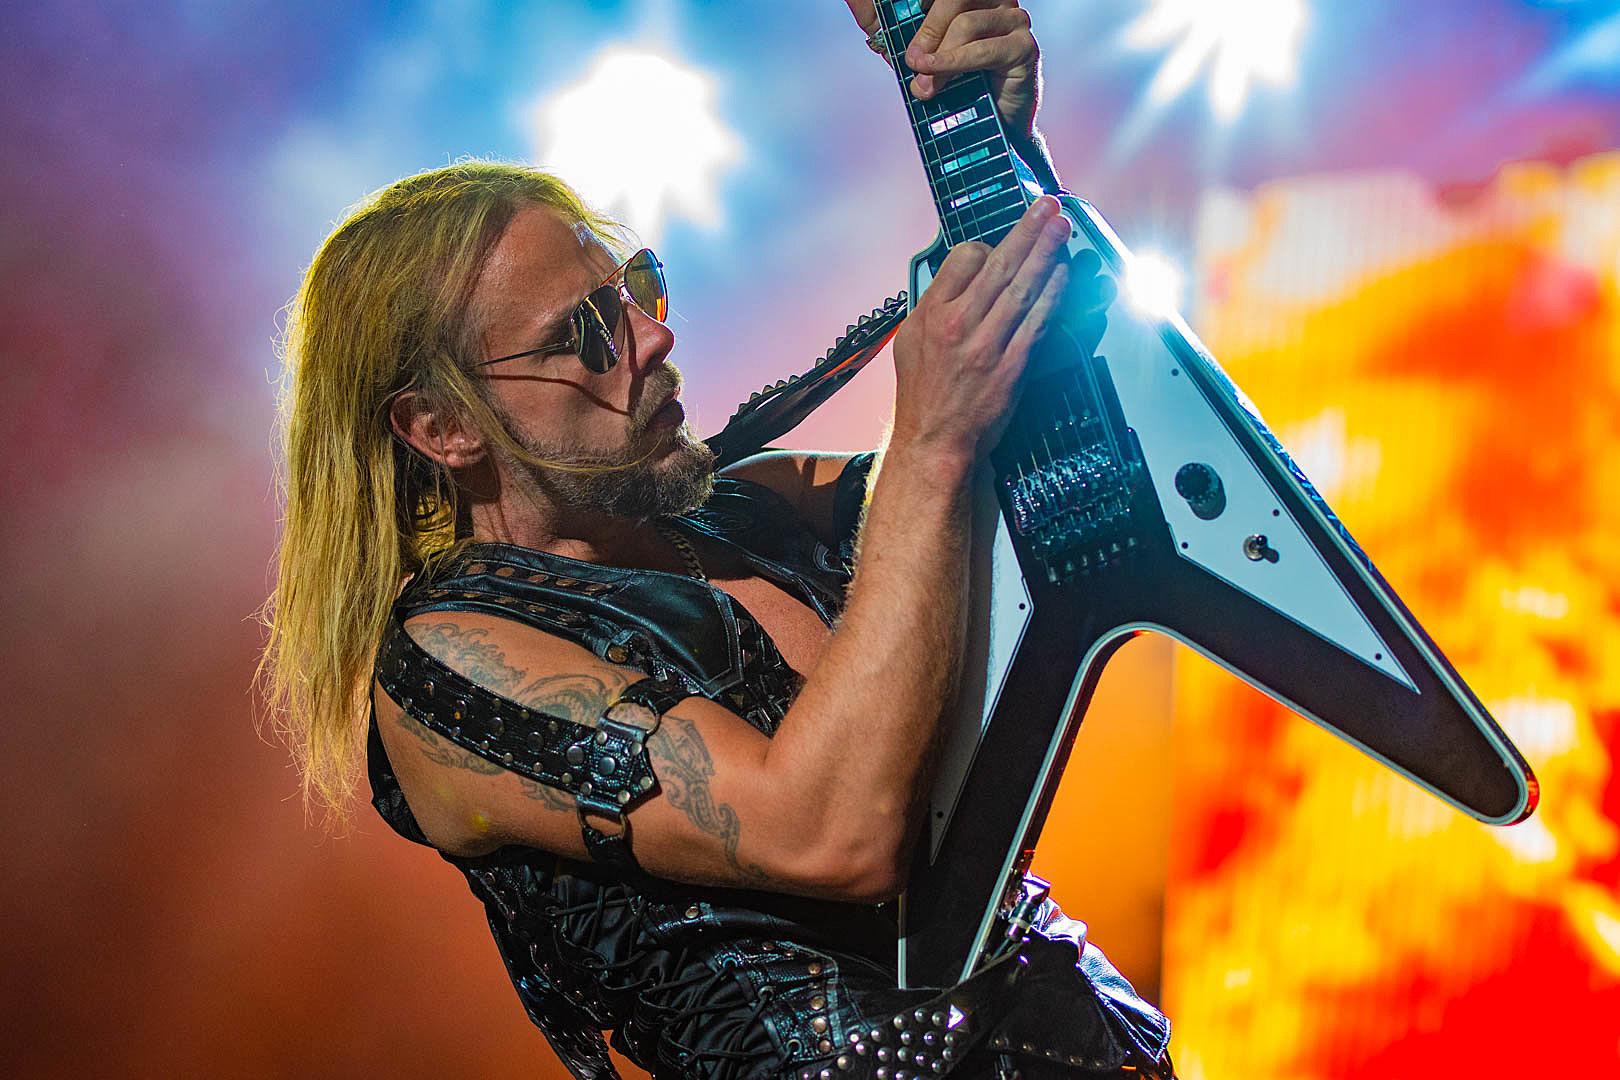 Judas Priest Adding 'Surprises' to 2019 Tour